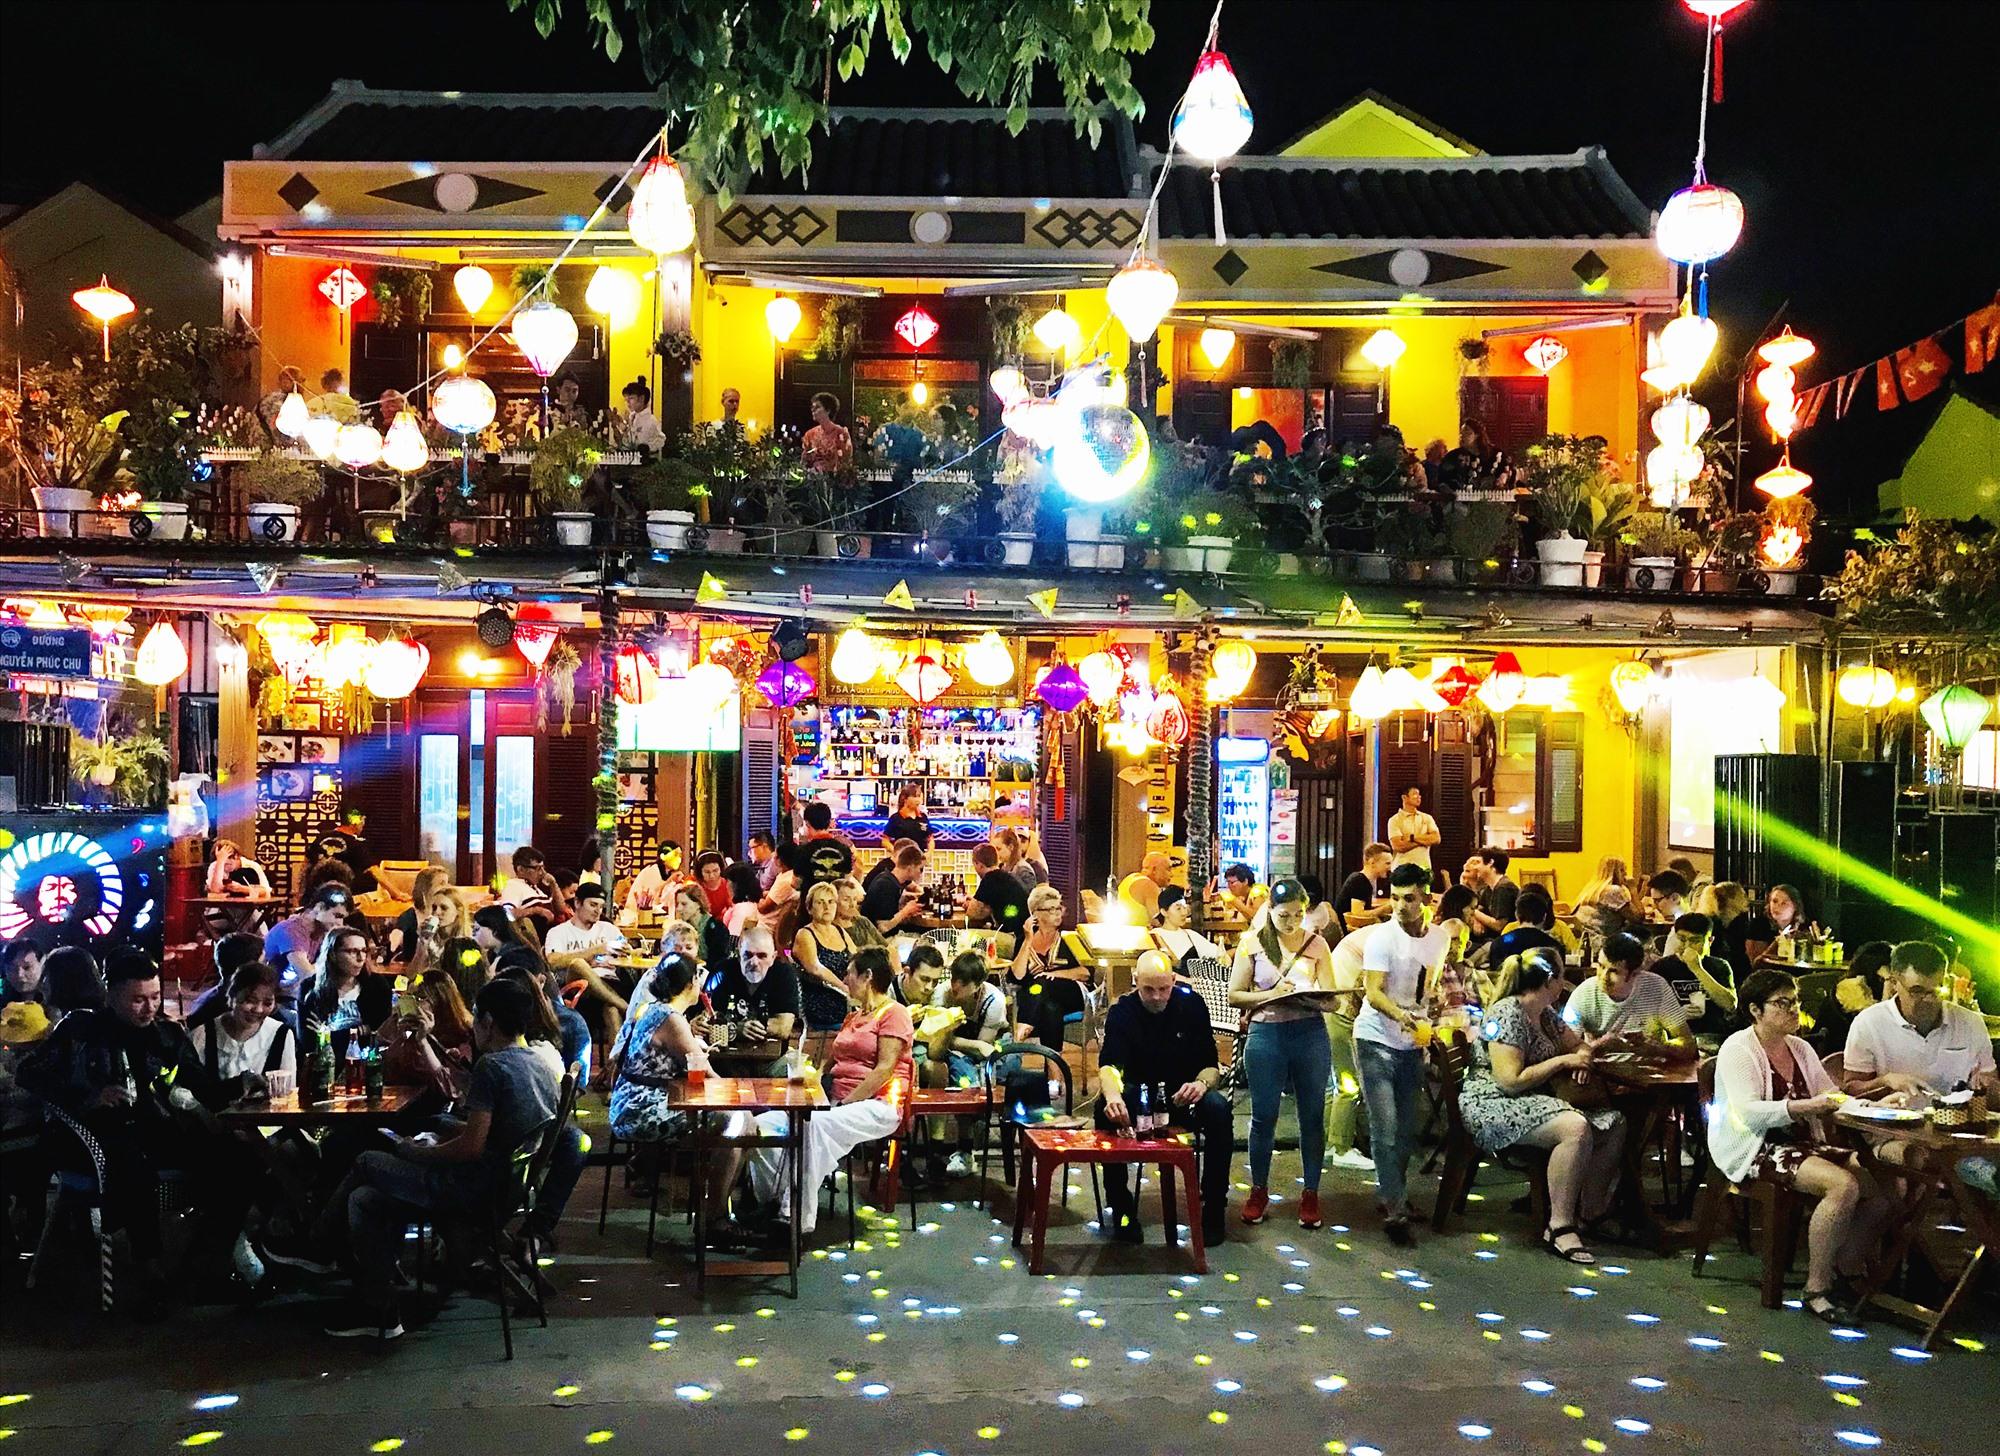 Thúc đẩy kinh tế đêm tại các địa điểm phù hợp sẽ giúp ngành du lịch tạo ra giá trị gia tăng lớn. Ảnh: Q.T